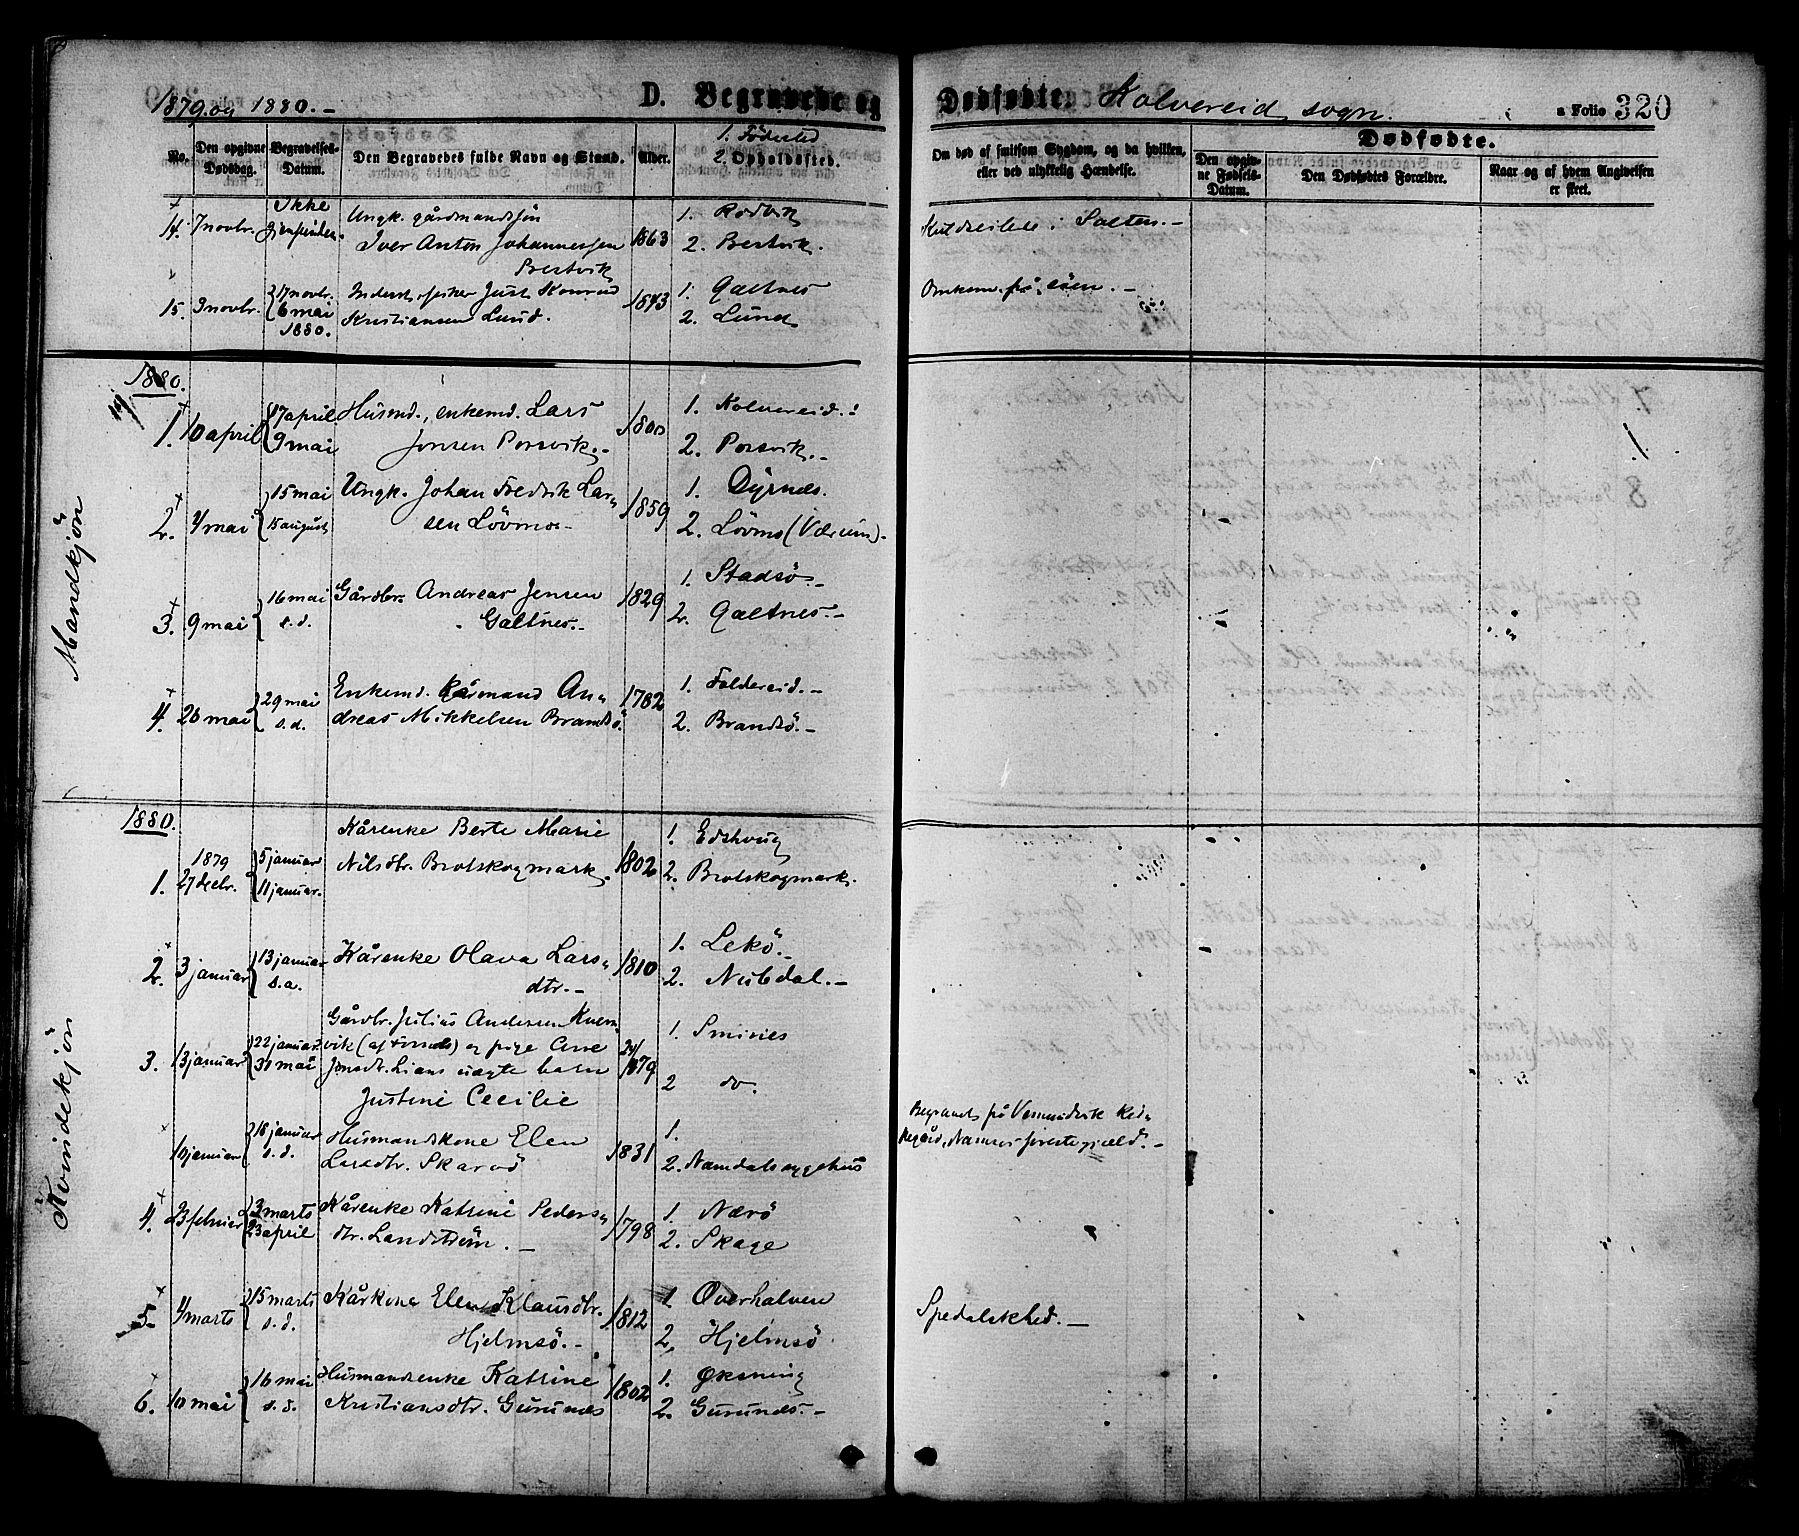 SAT, Ministerialprotokoller, klokkerbøker og fødselsregistre - Nord-Trøndelag, 780/L0642: Ministerialbok nr. 780A07 /1, 1874-1885, s. 320